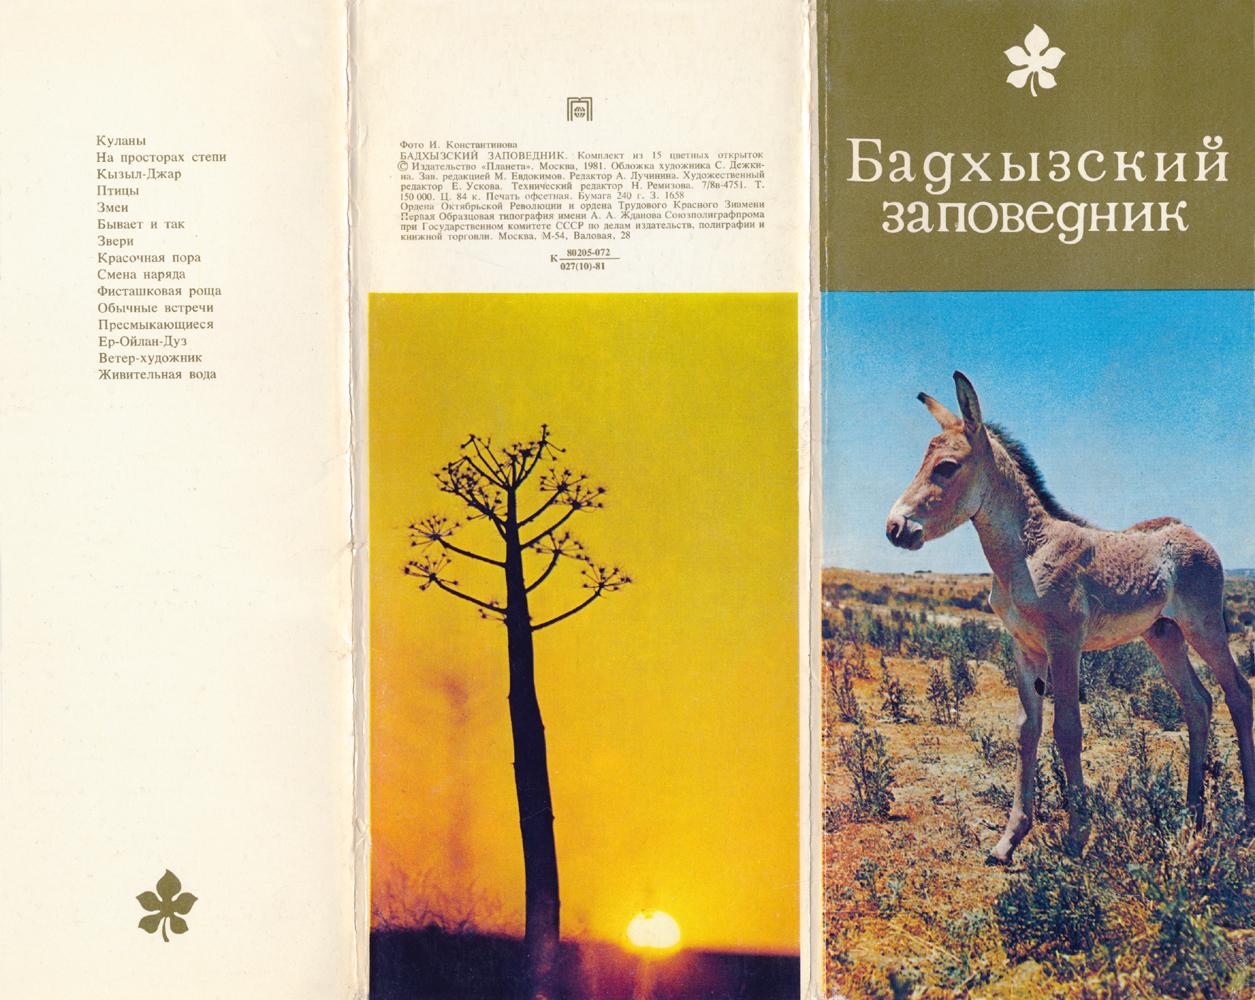 Бадхызский заповедник